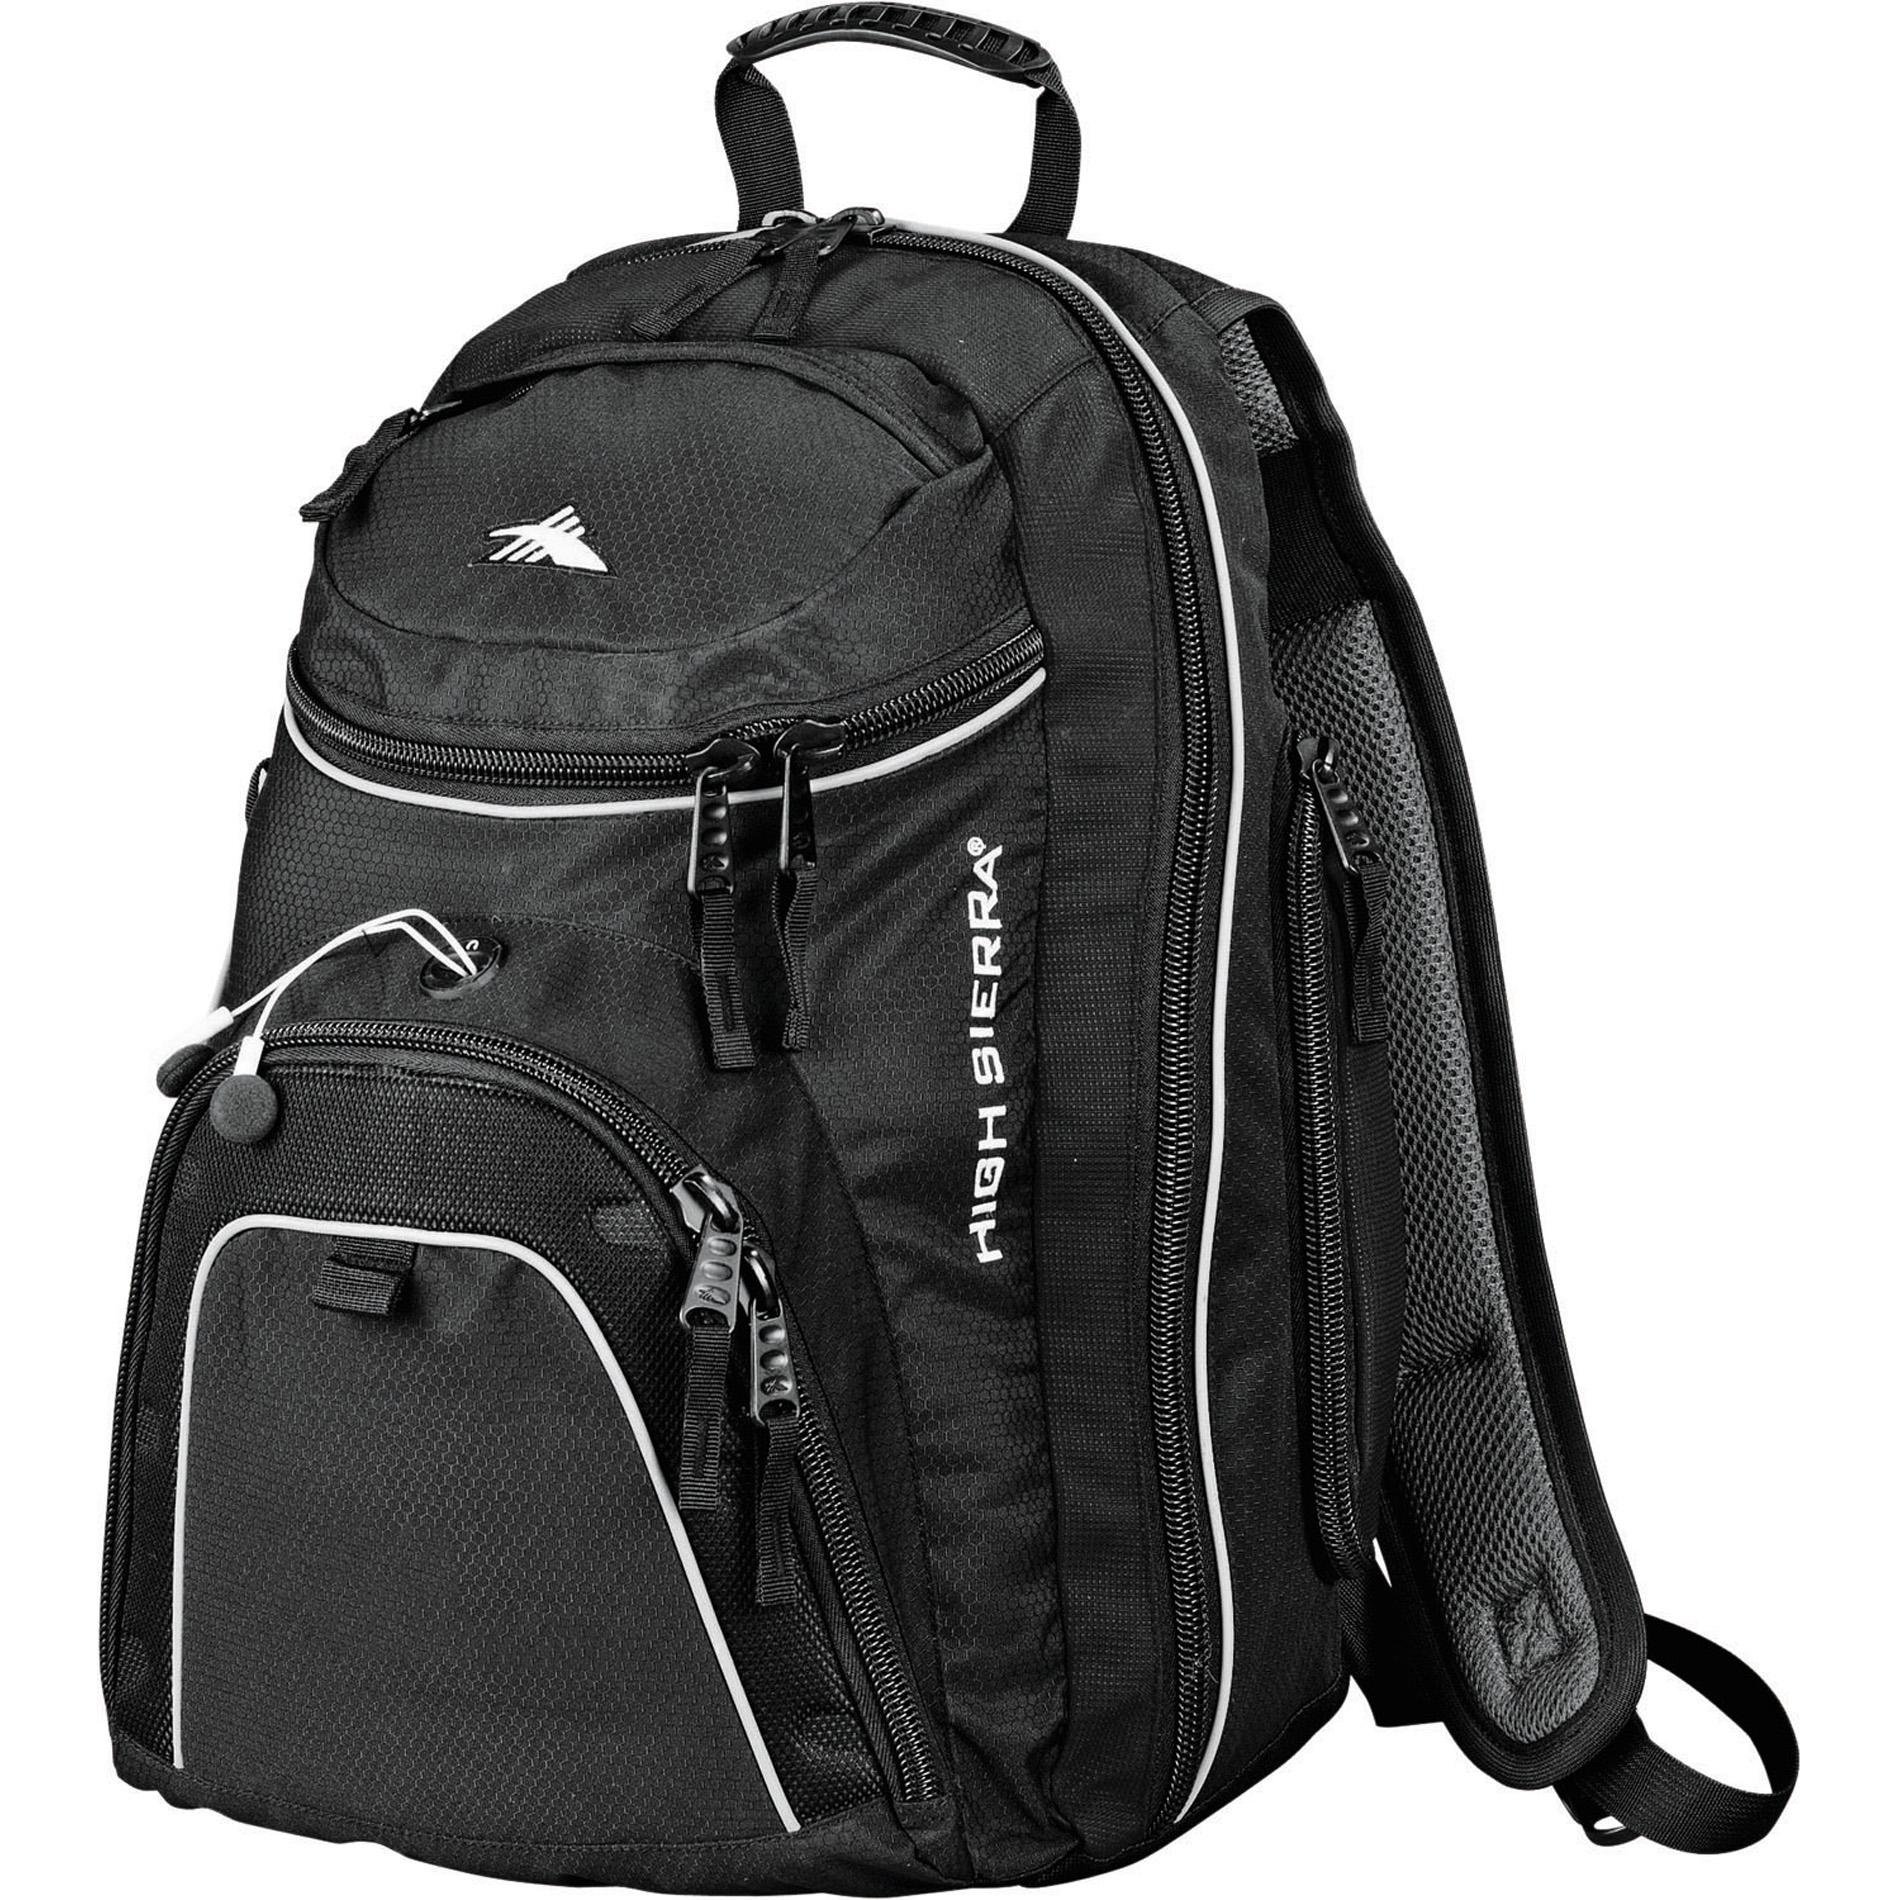 High Sierra 8050-94 - Jack-Knife Backpack